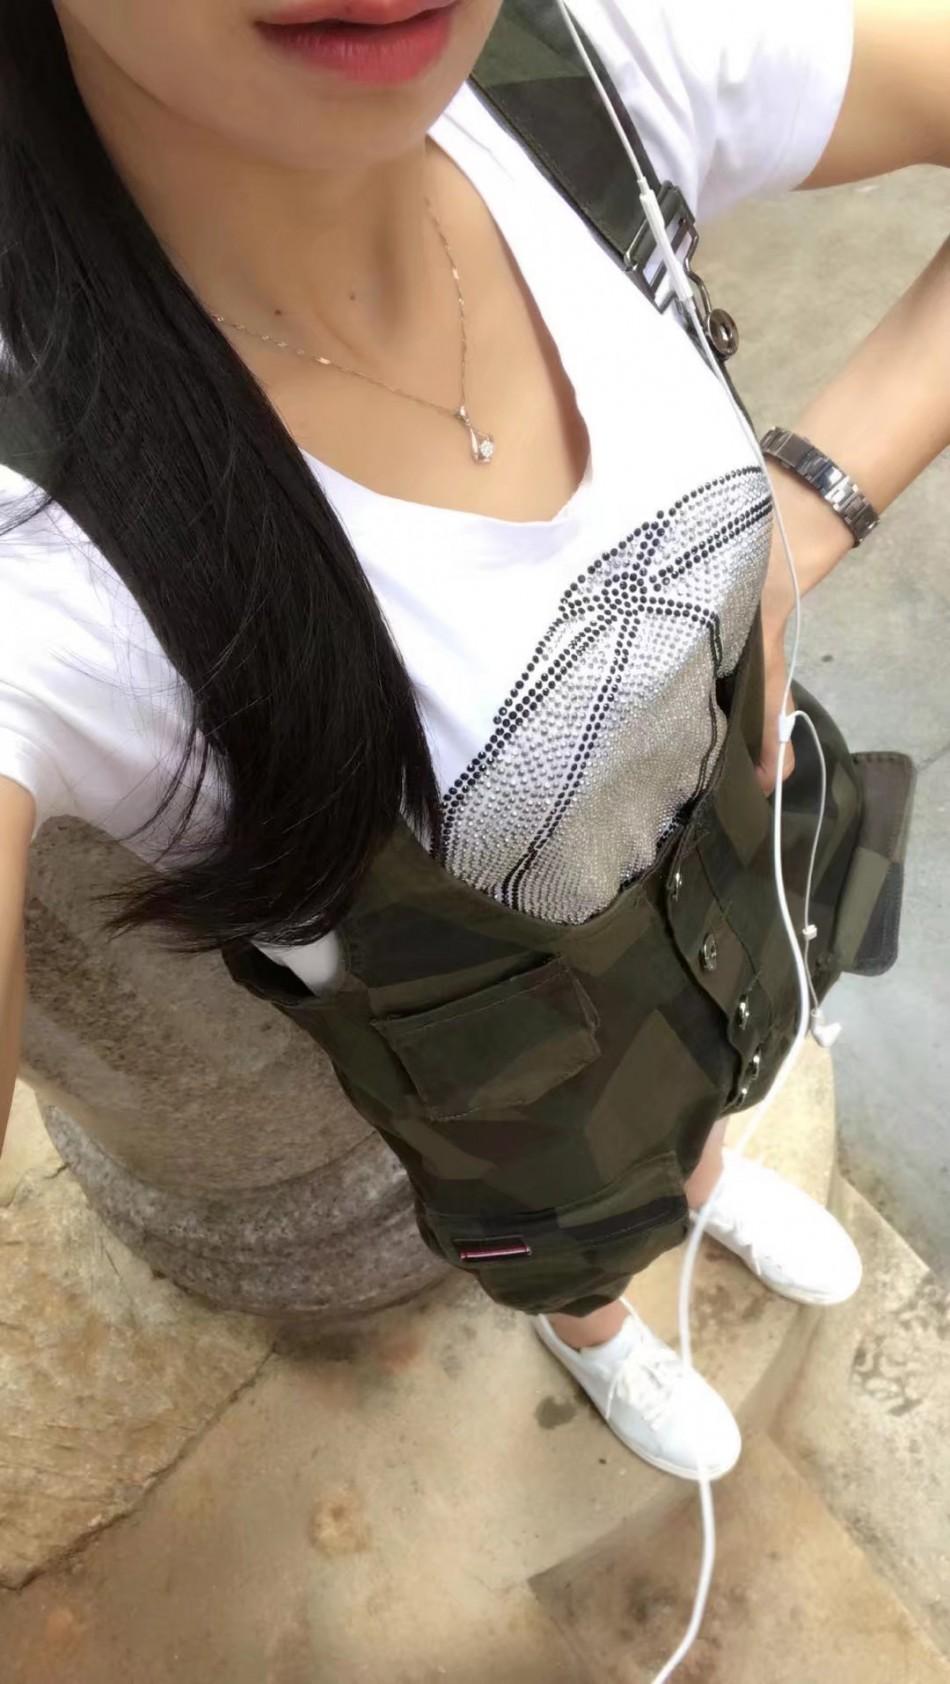 【江西-南昌】九品升级毕业区(江西)卖手机的熟女兼职 imgid: 29106